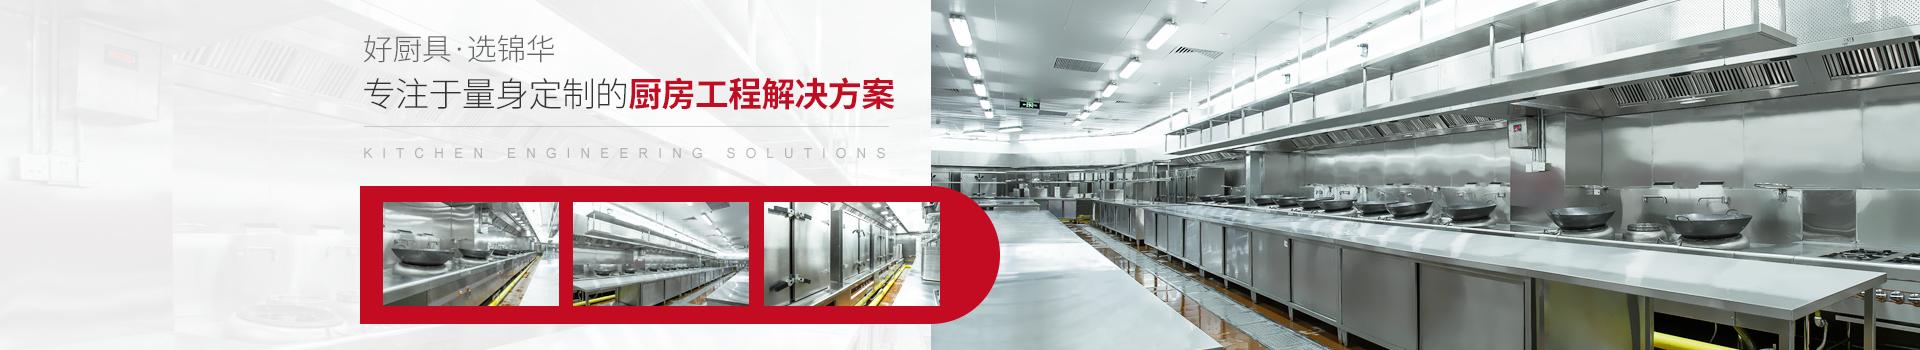 锦华厨具-锦华厨具,专注于量身定制的厨房工程解决方案